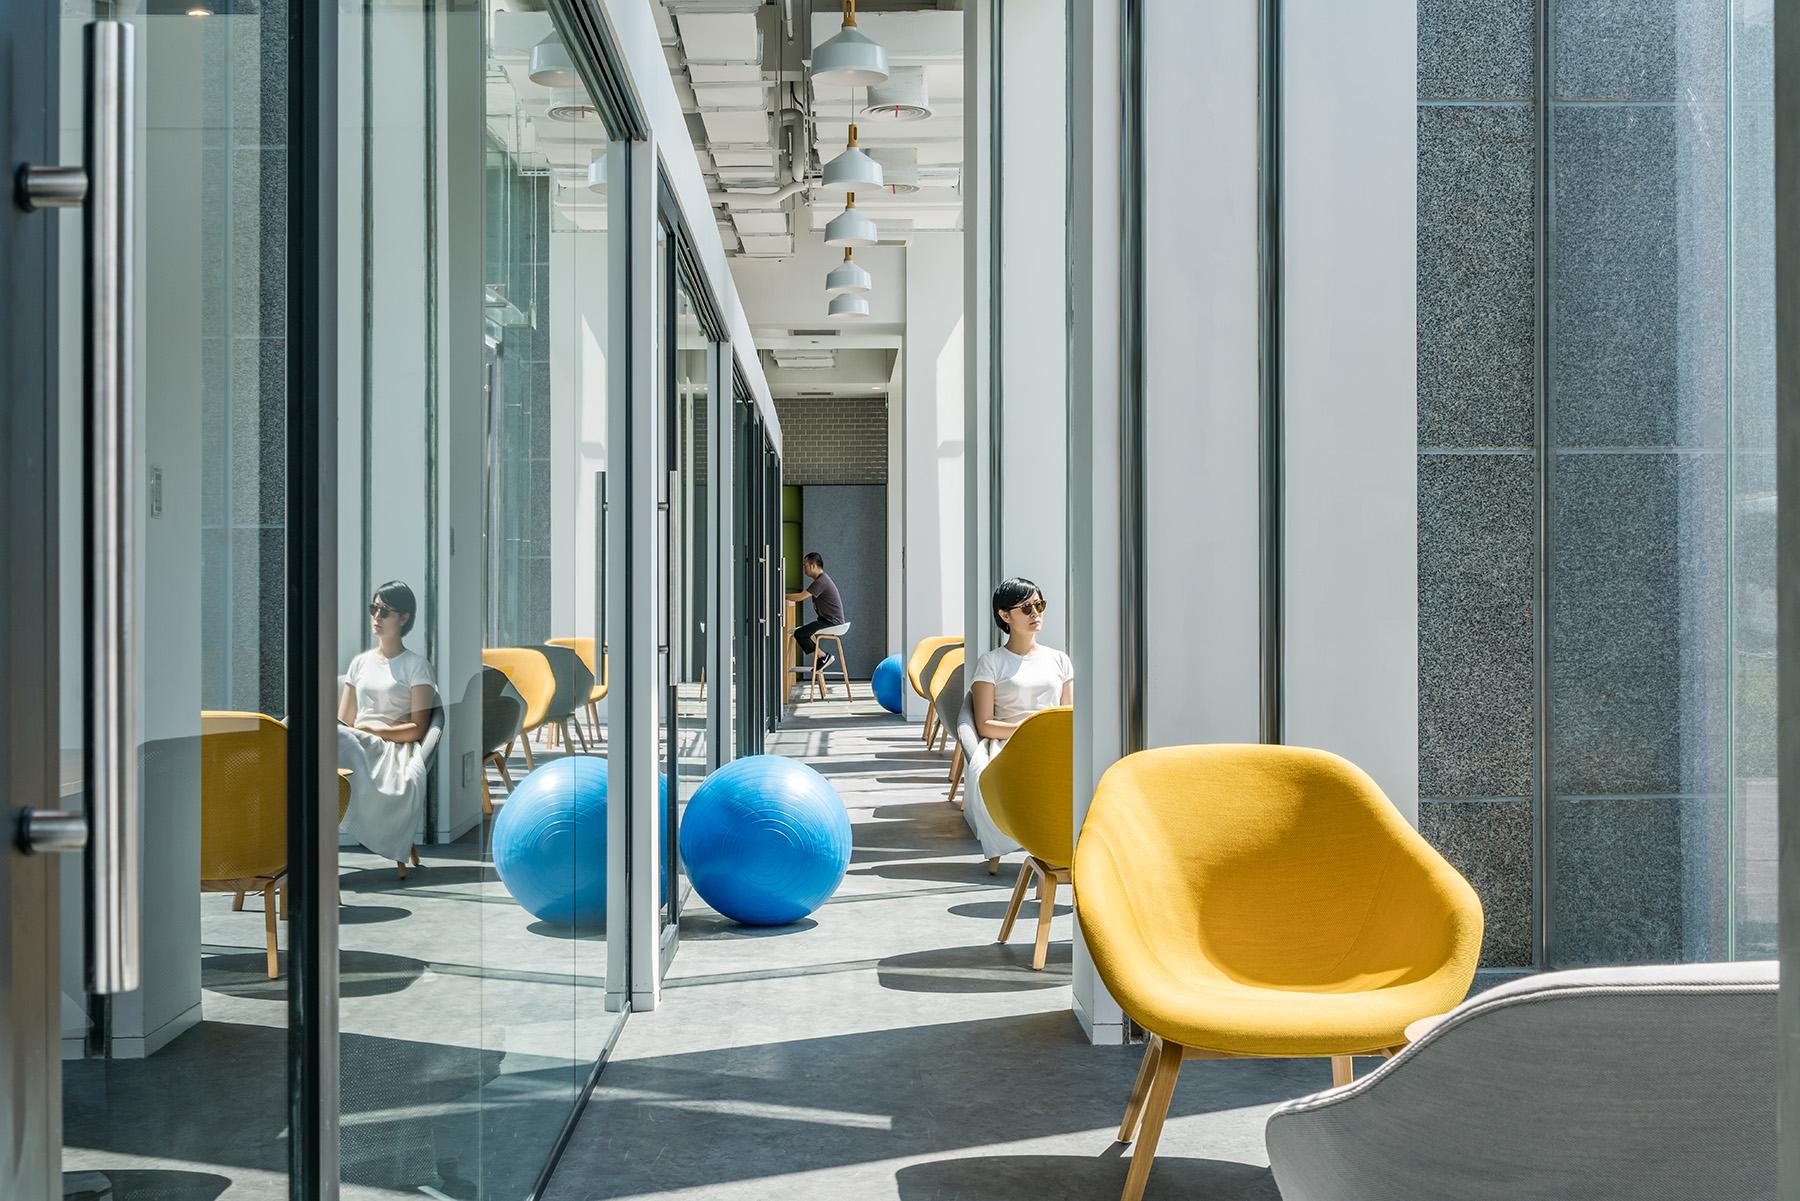 拒绝枯燥乏味!打造全新办公空间,给你家的温暖!|Gensler - 4